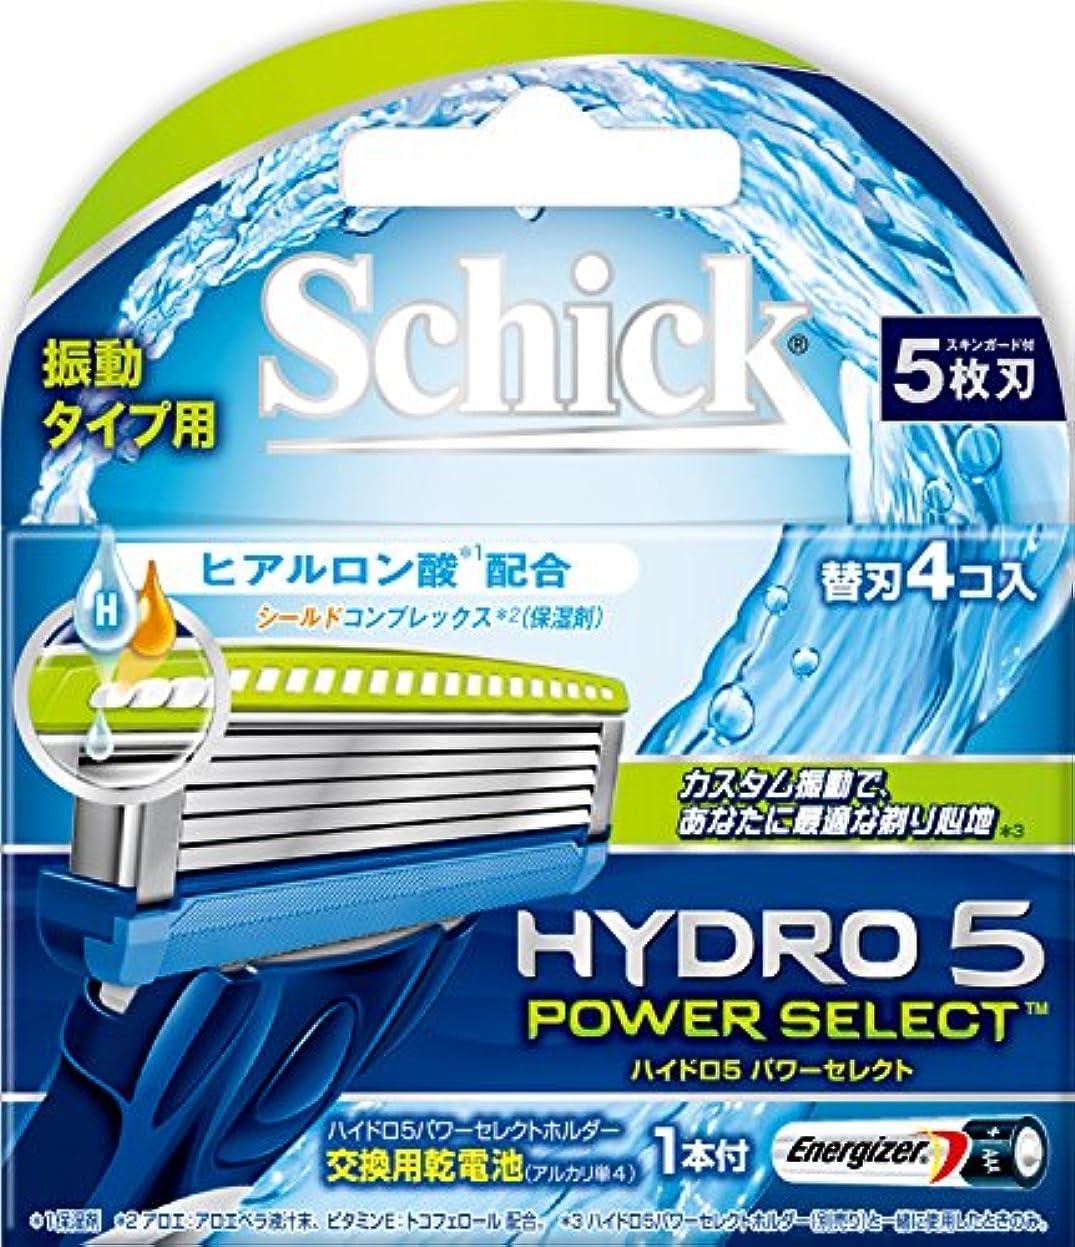 壮大晩餐シック Schick 5枚刃 ハイドロ5 パワーセレクト替刃 4コ入